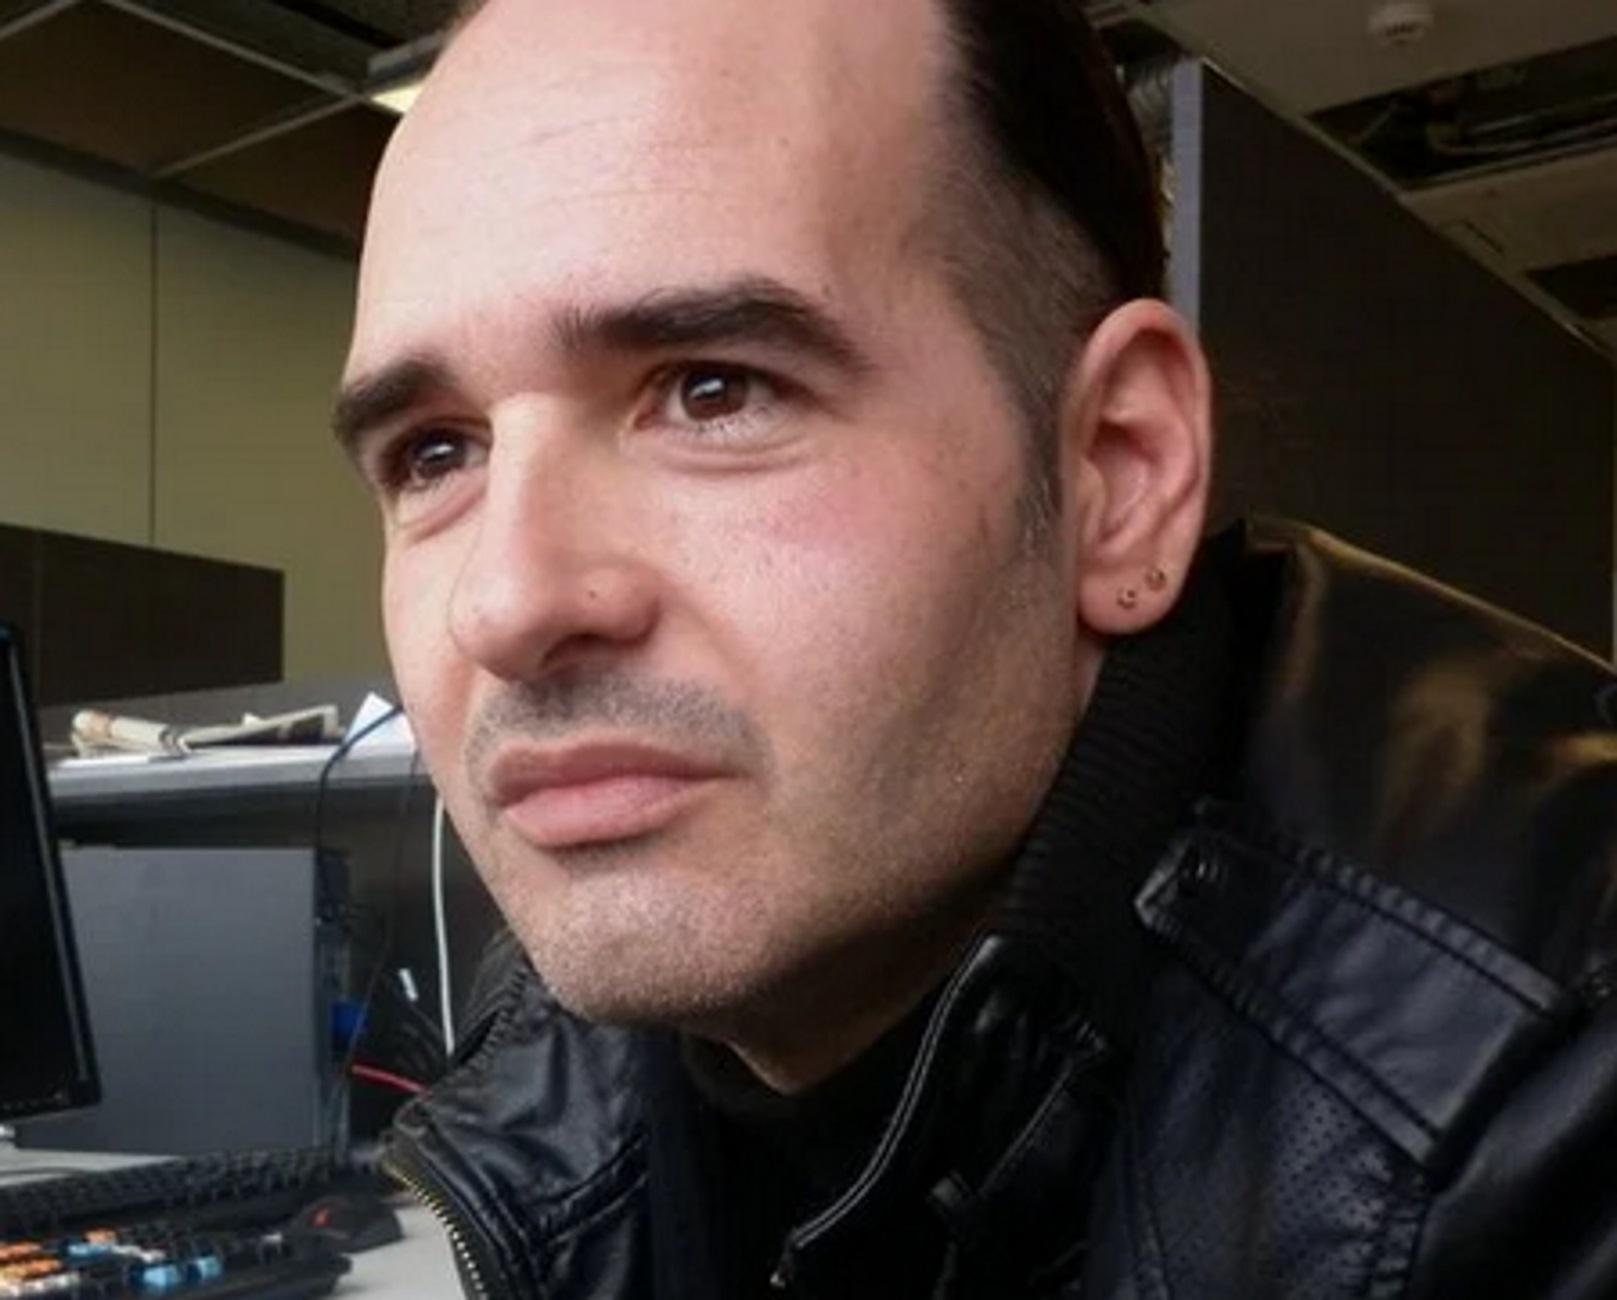 Πάτρα: Πέθανε αναπάντεχα ο Νίκος Παπαγεωργίου – Το τραγικό παιχνίδι της μοίρας